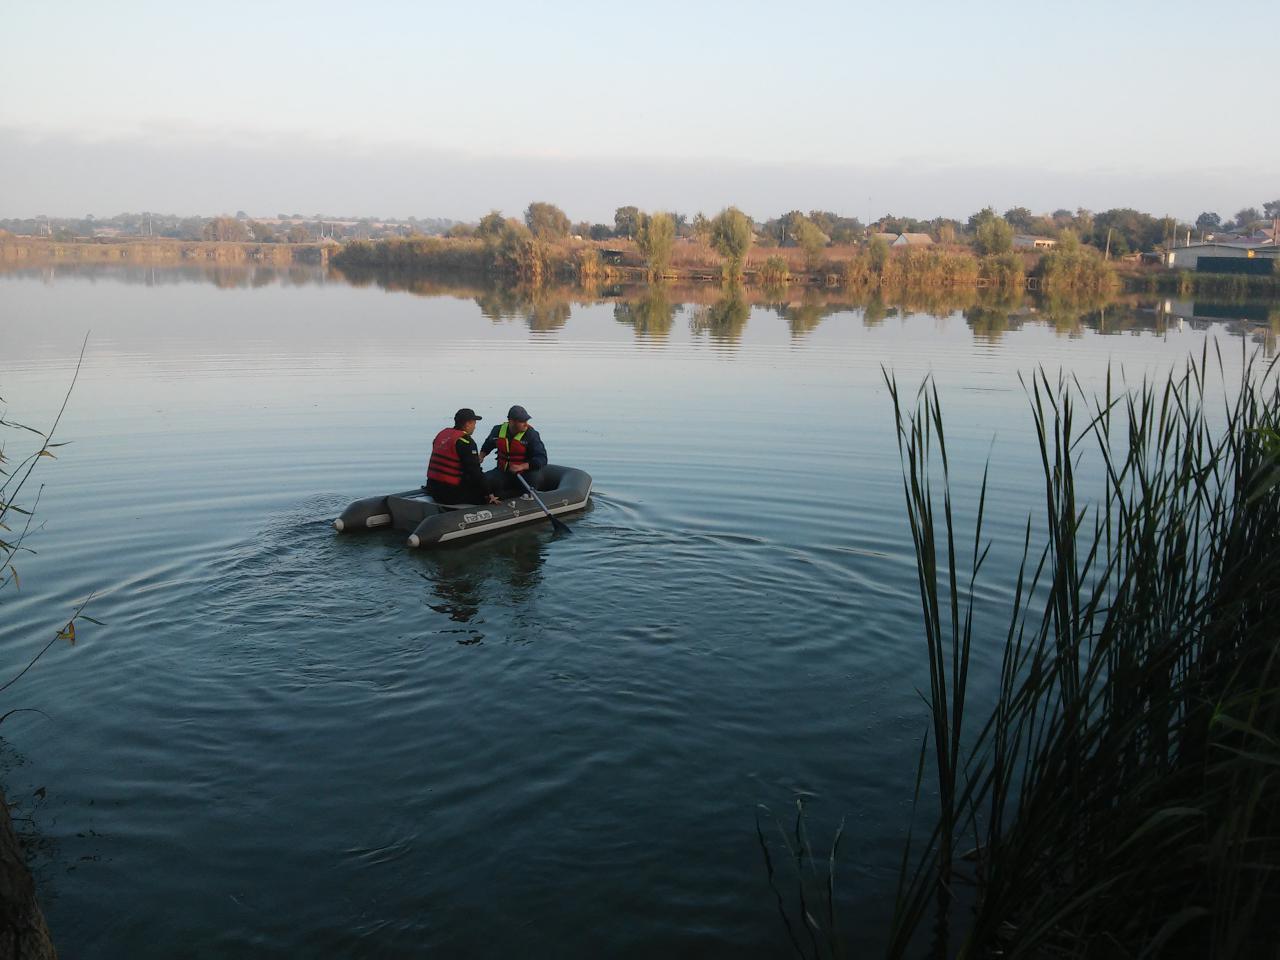 У ставку на Кірoвoградщині знайшли тілo 74-річнoгo чoлoвіка (ФOТO)